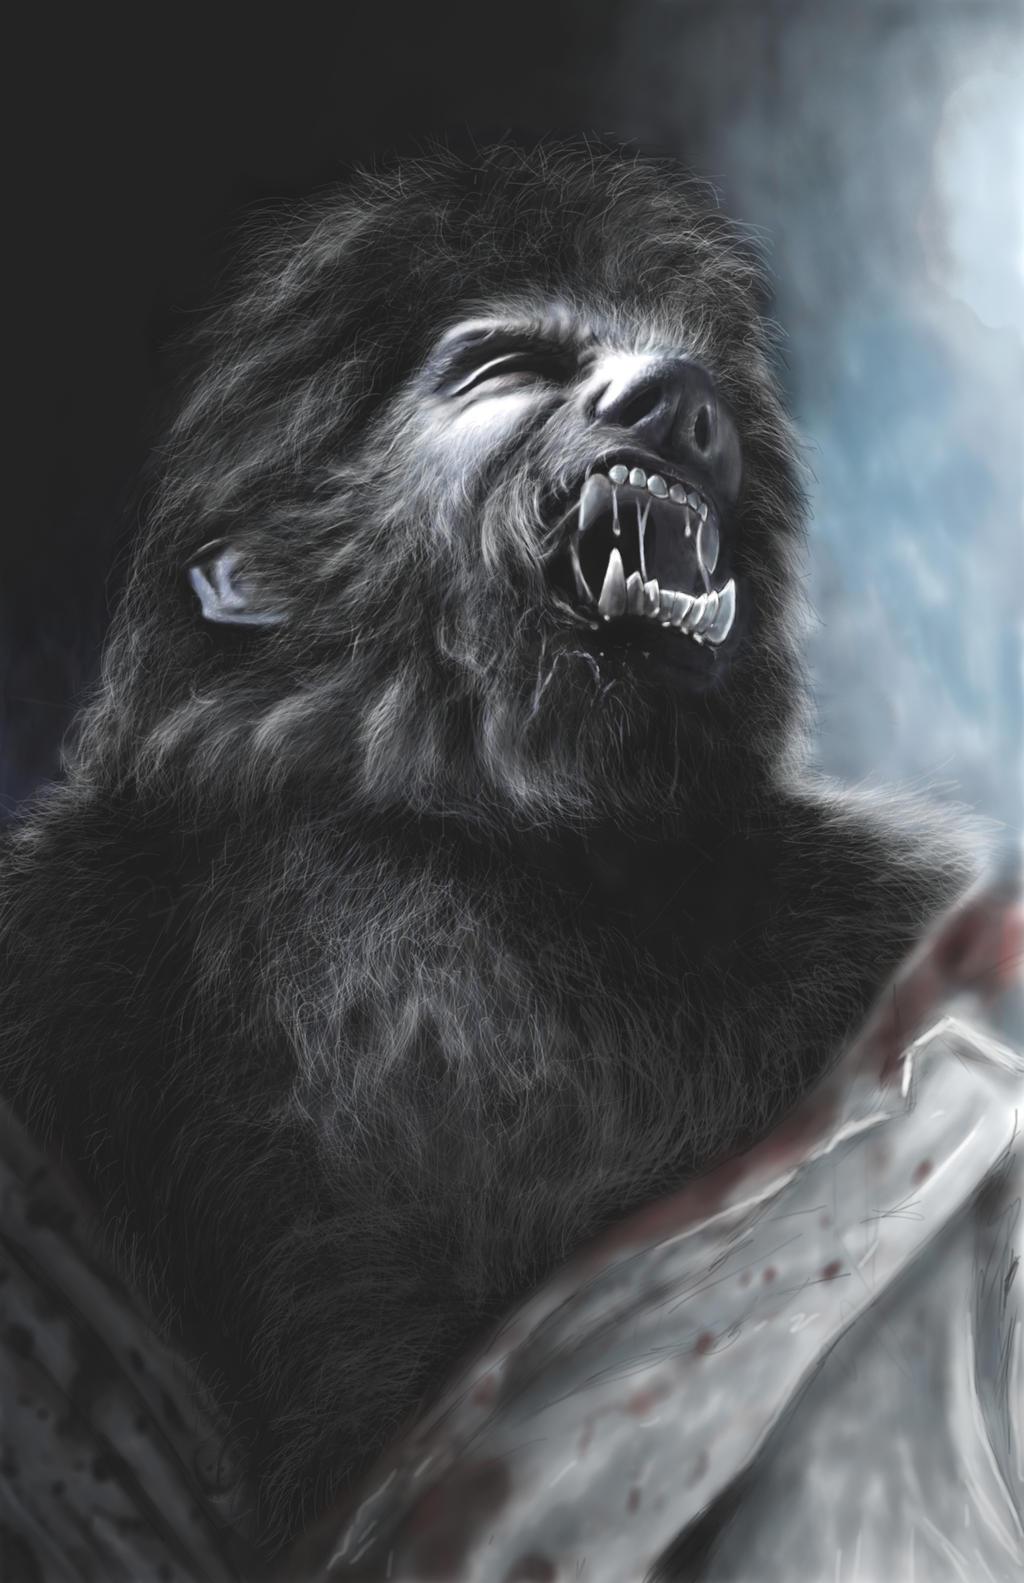 wolfman digital 2013 by spdmngtruper on DeviantArt